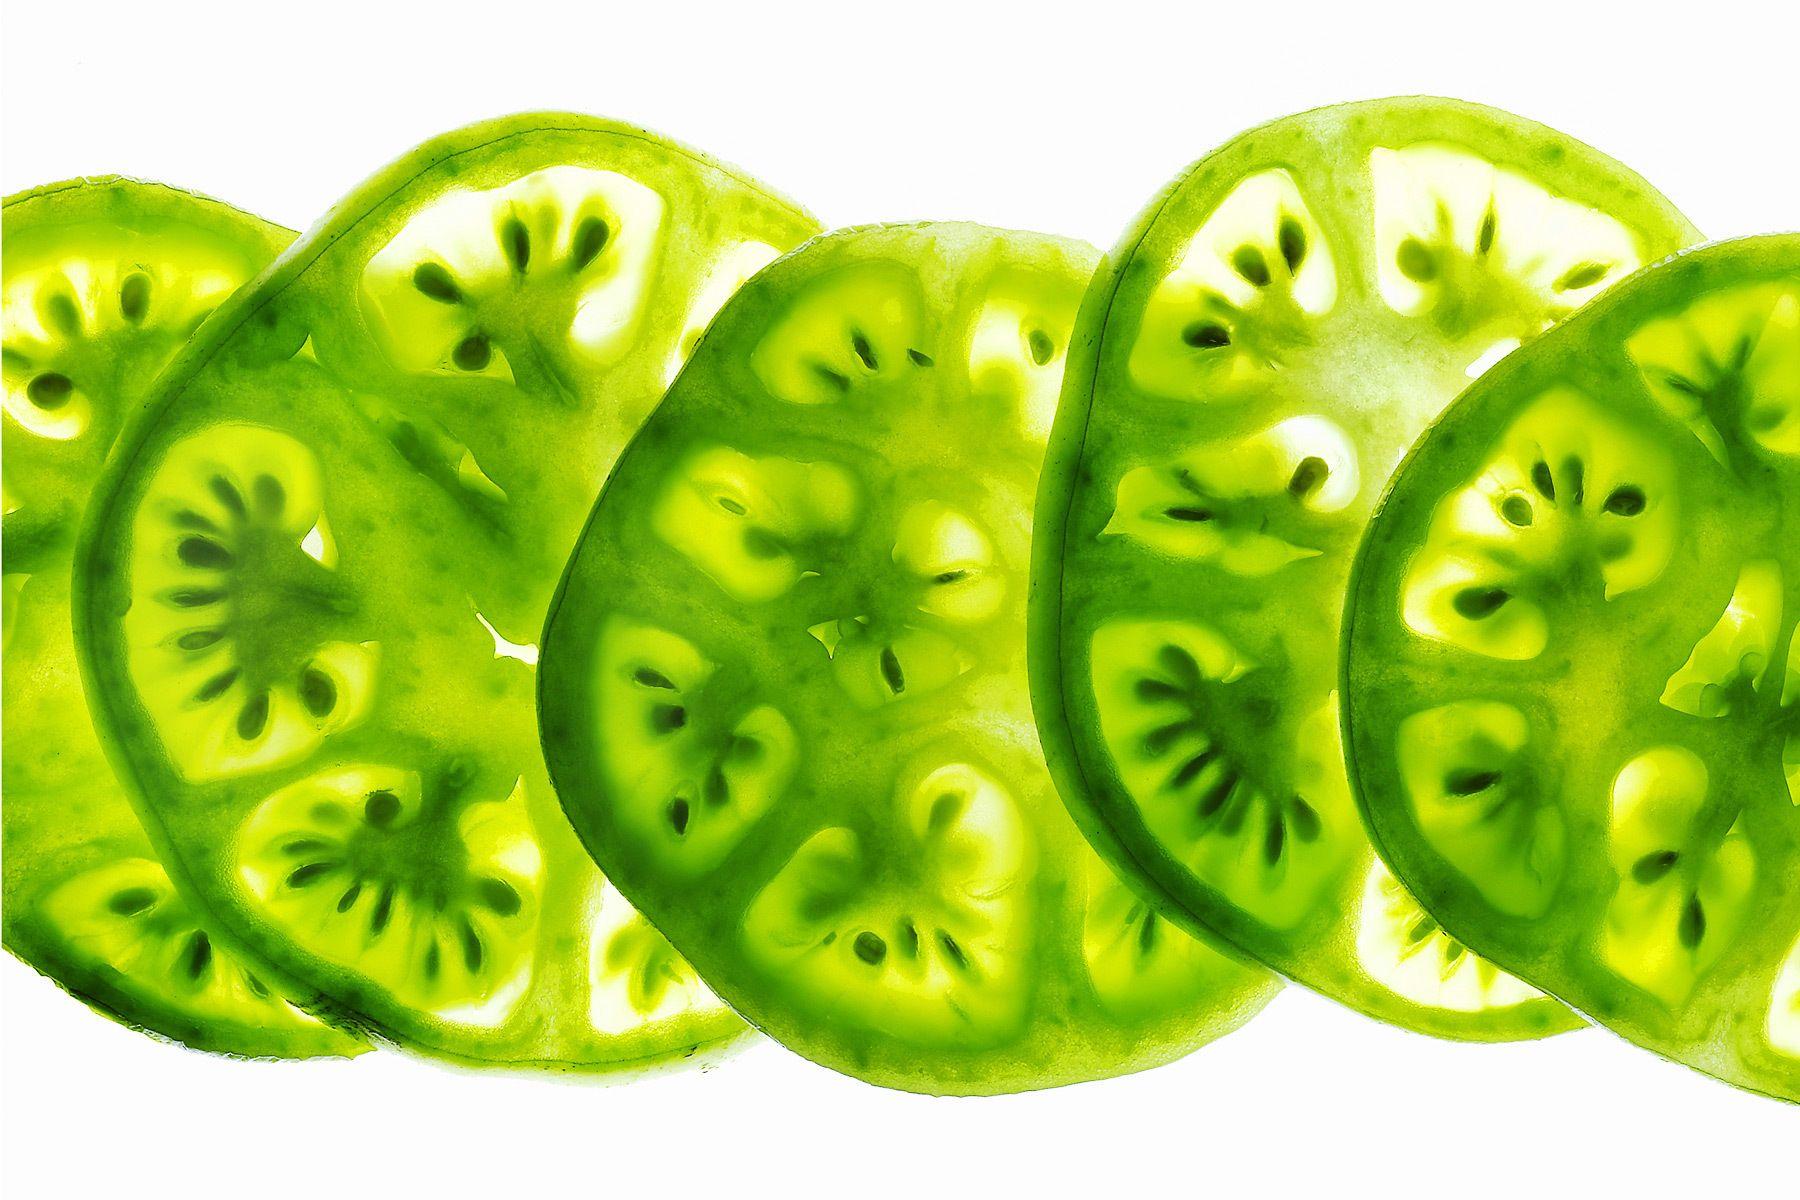 1green_tomatoes3.jpg